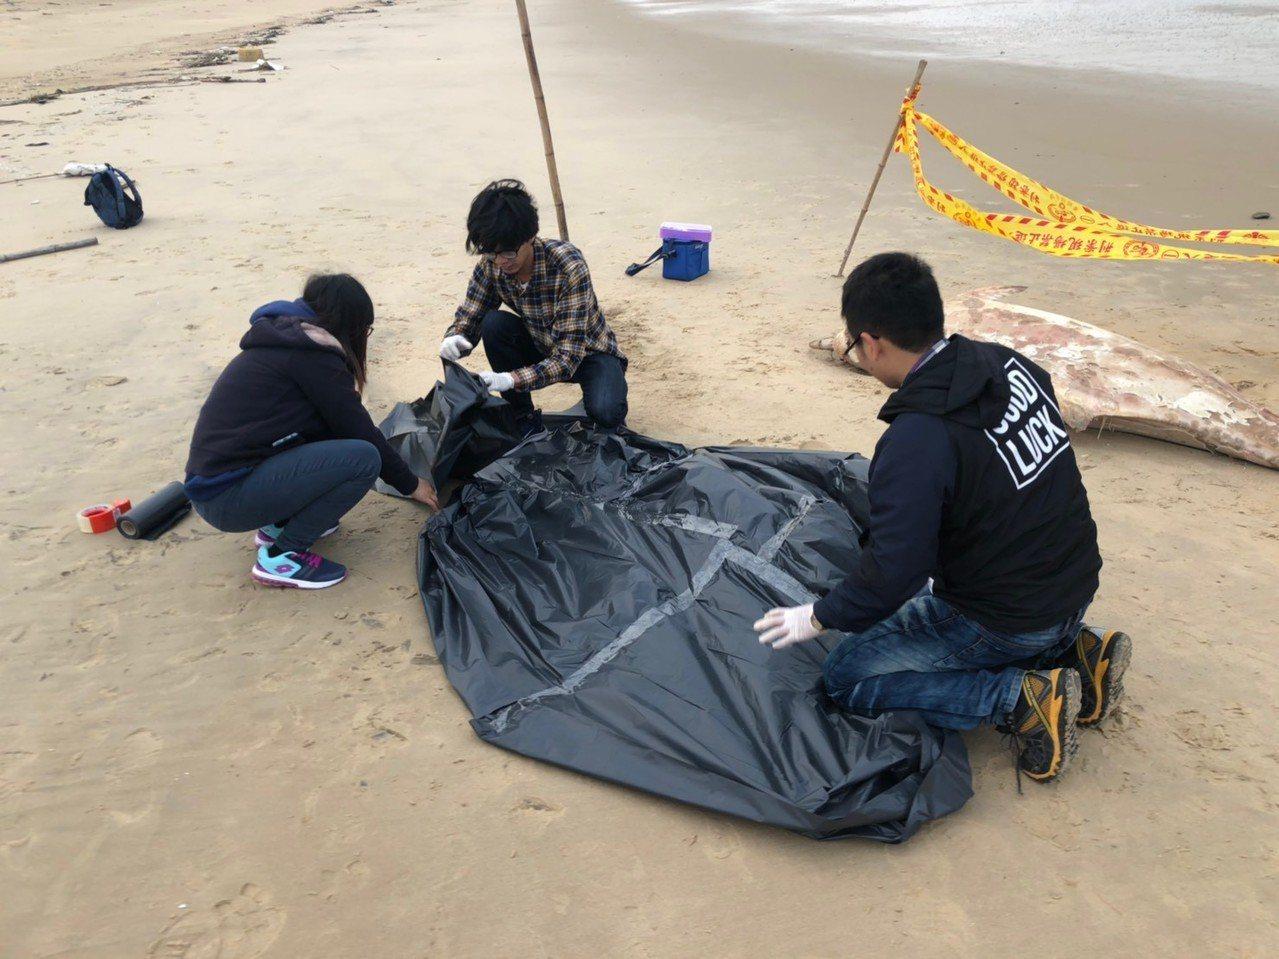 金馬澎分署第九岸巡隊復國墩安檢所執勤人員昨日在金門縣金沙鎮E54據點岸際發現1隻...